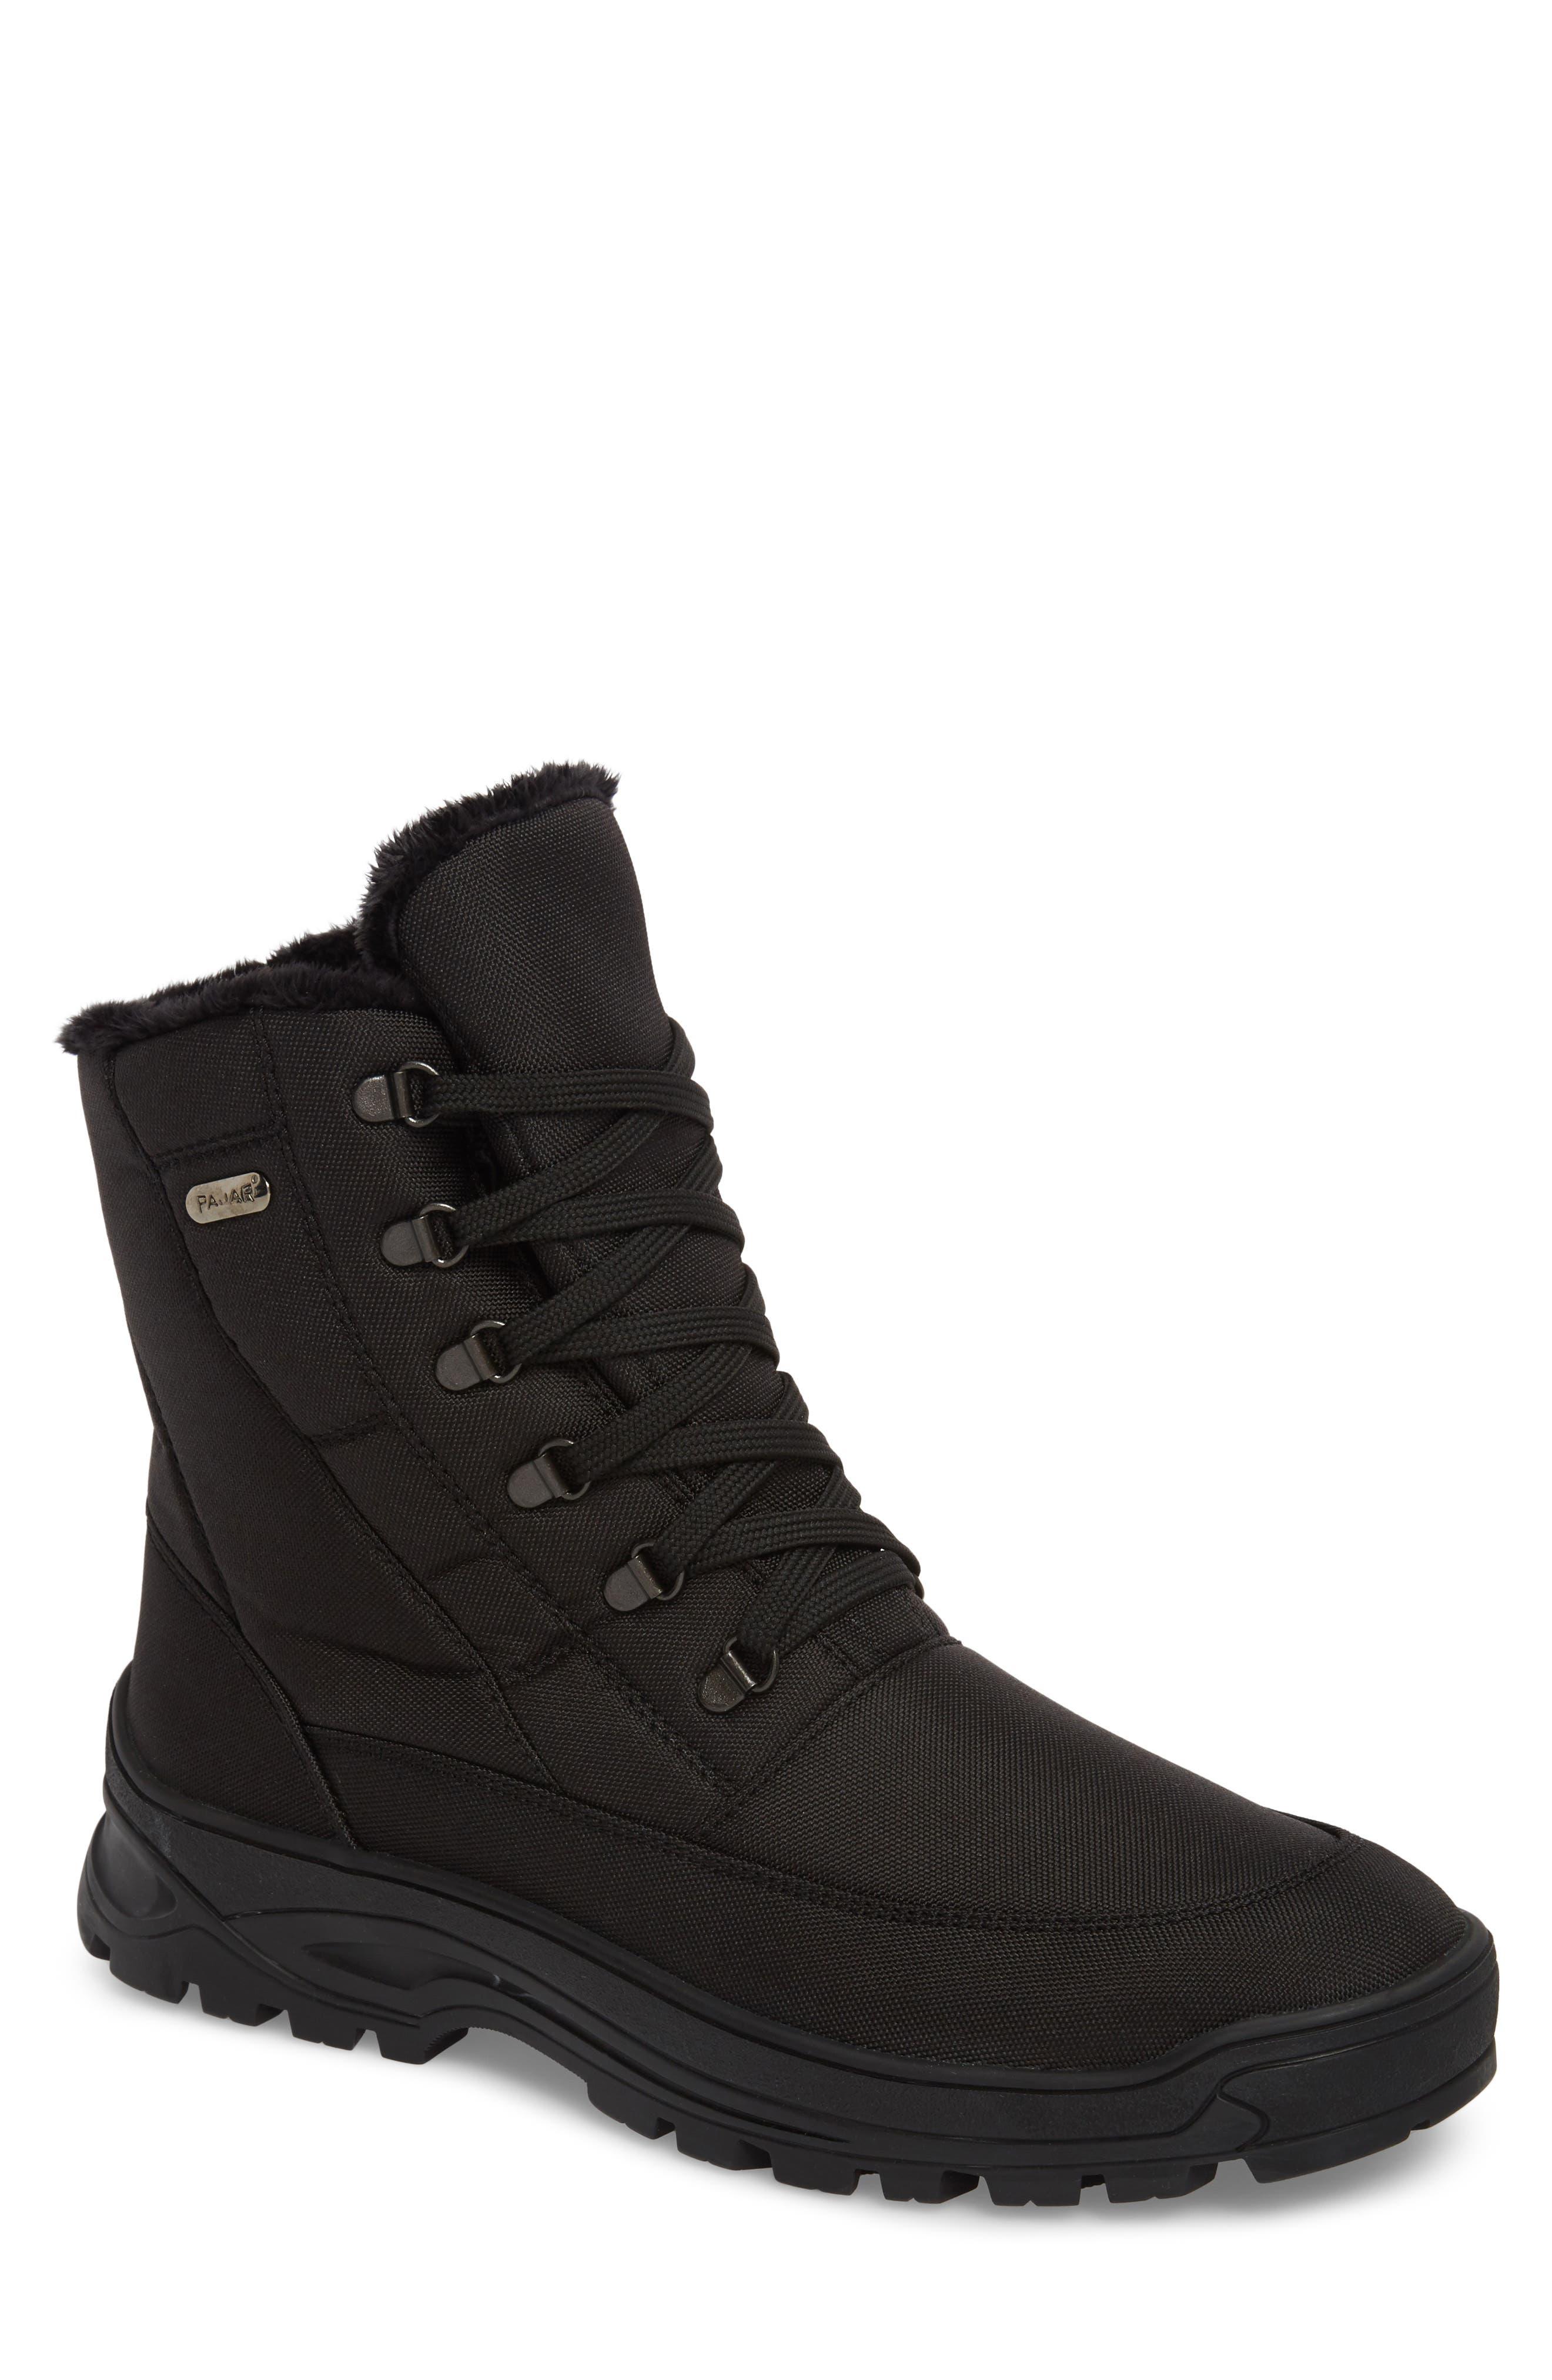 Pajar Eric Waterproof Boot, Black